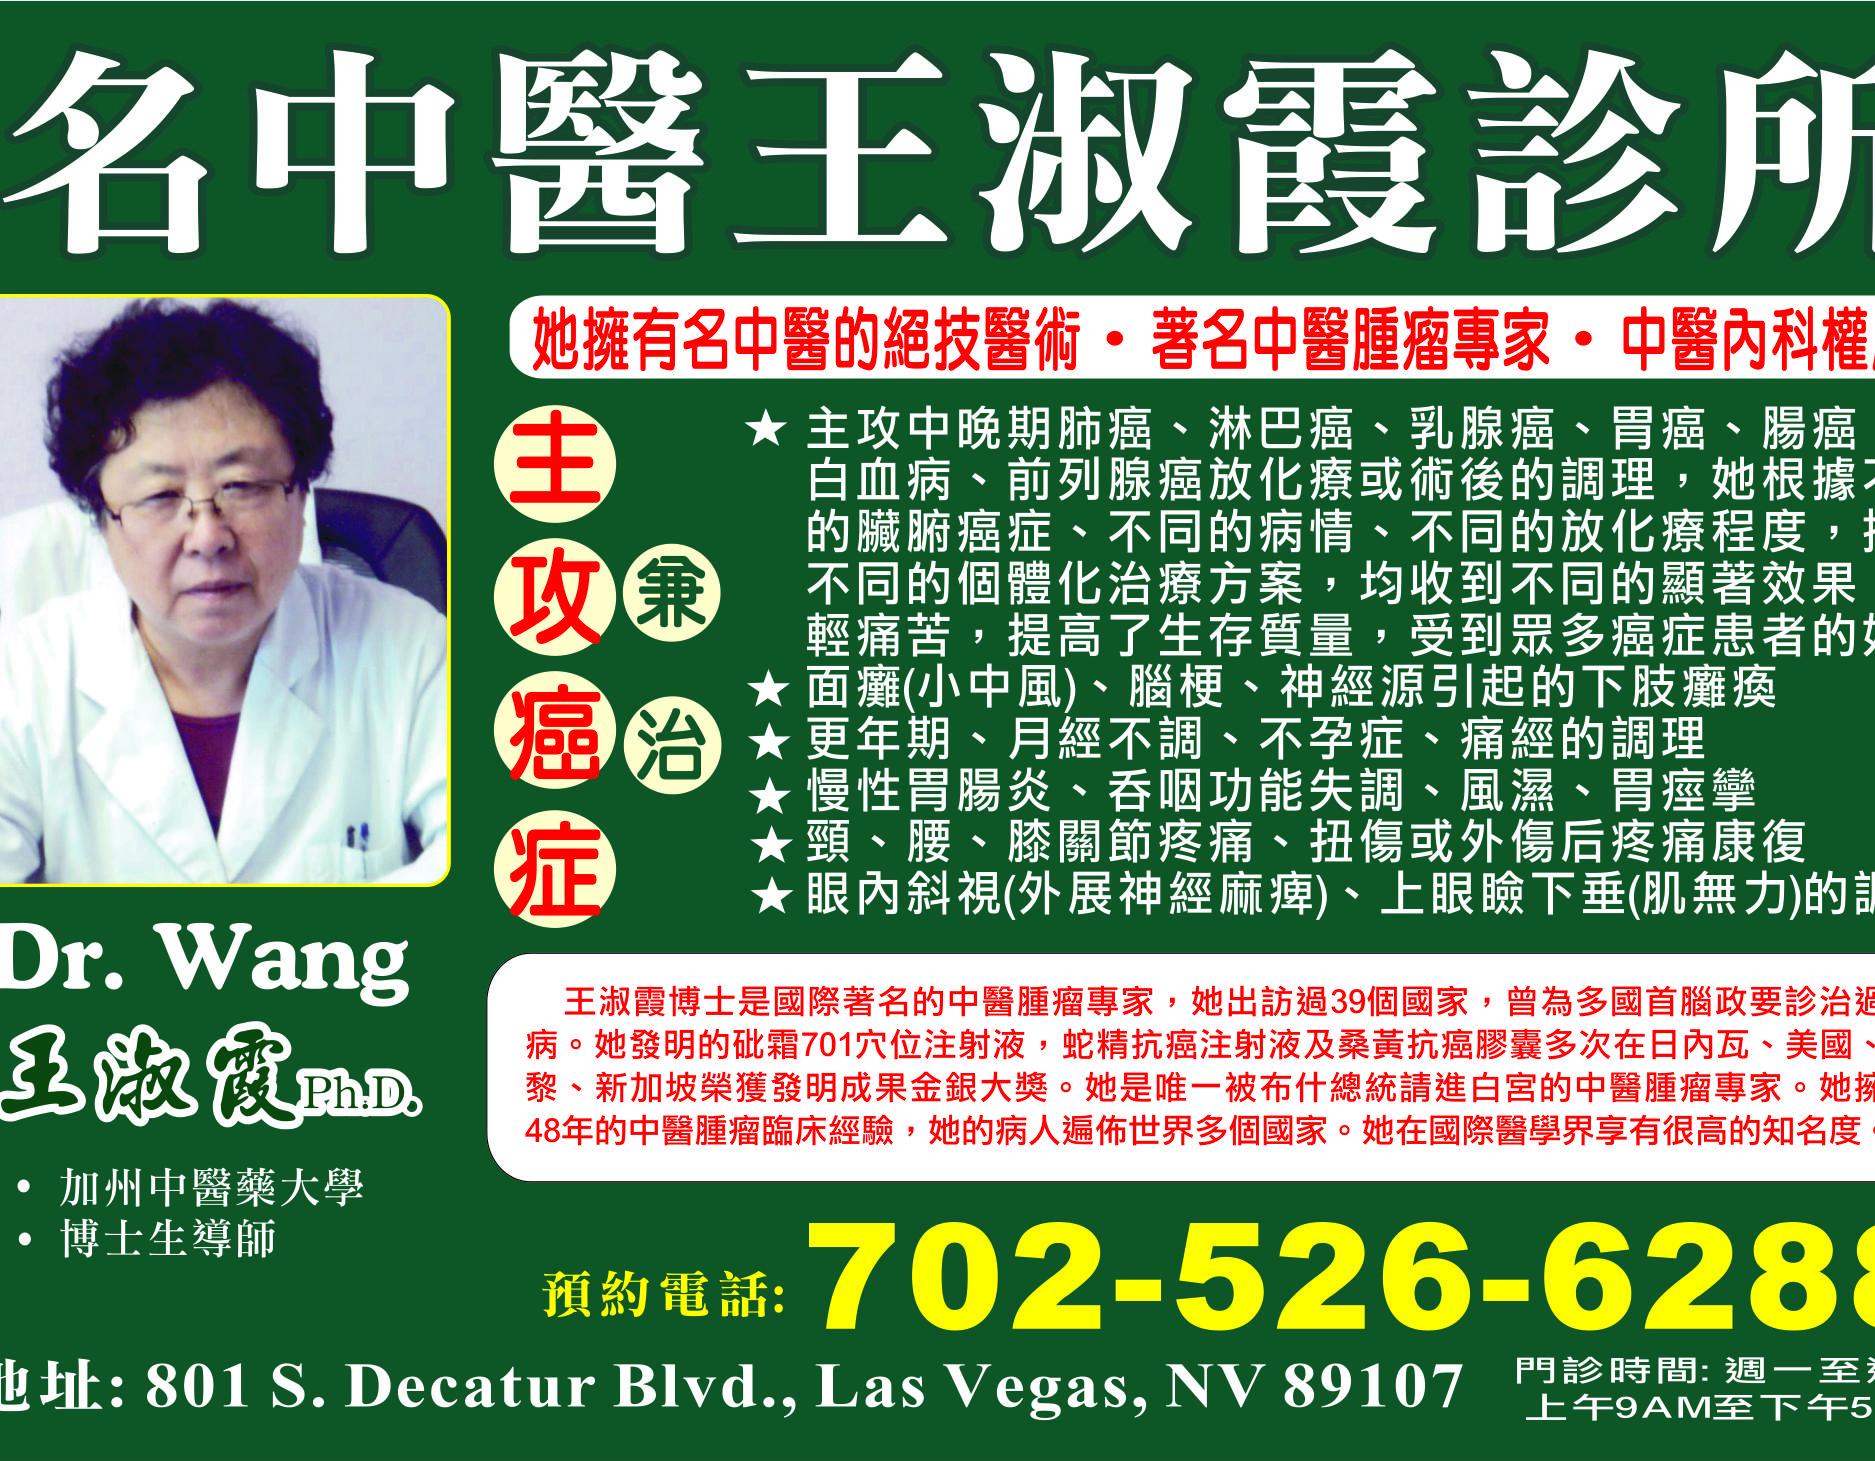 名中医专家门诊 - 王淑霞 Dr. Wang<